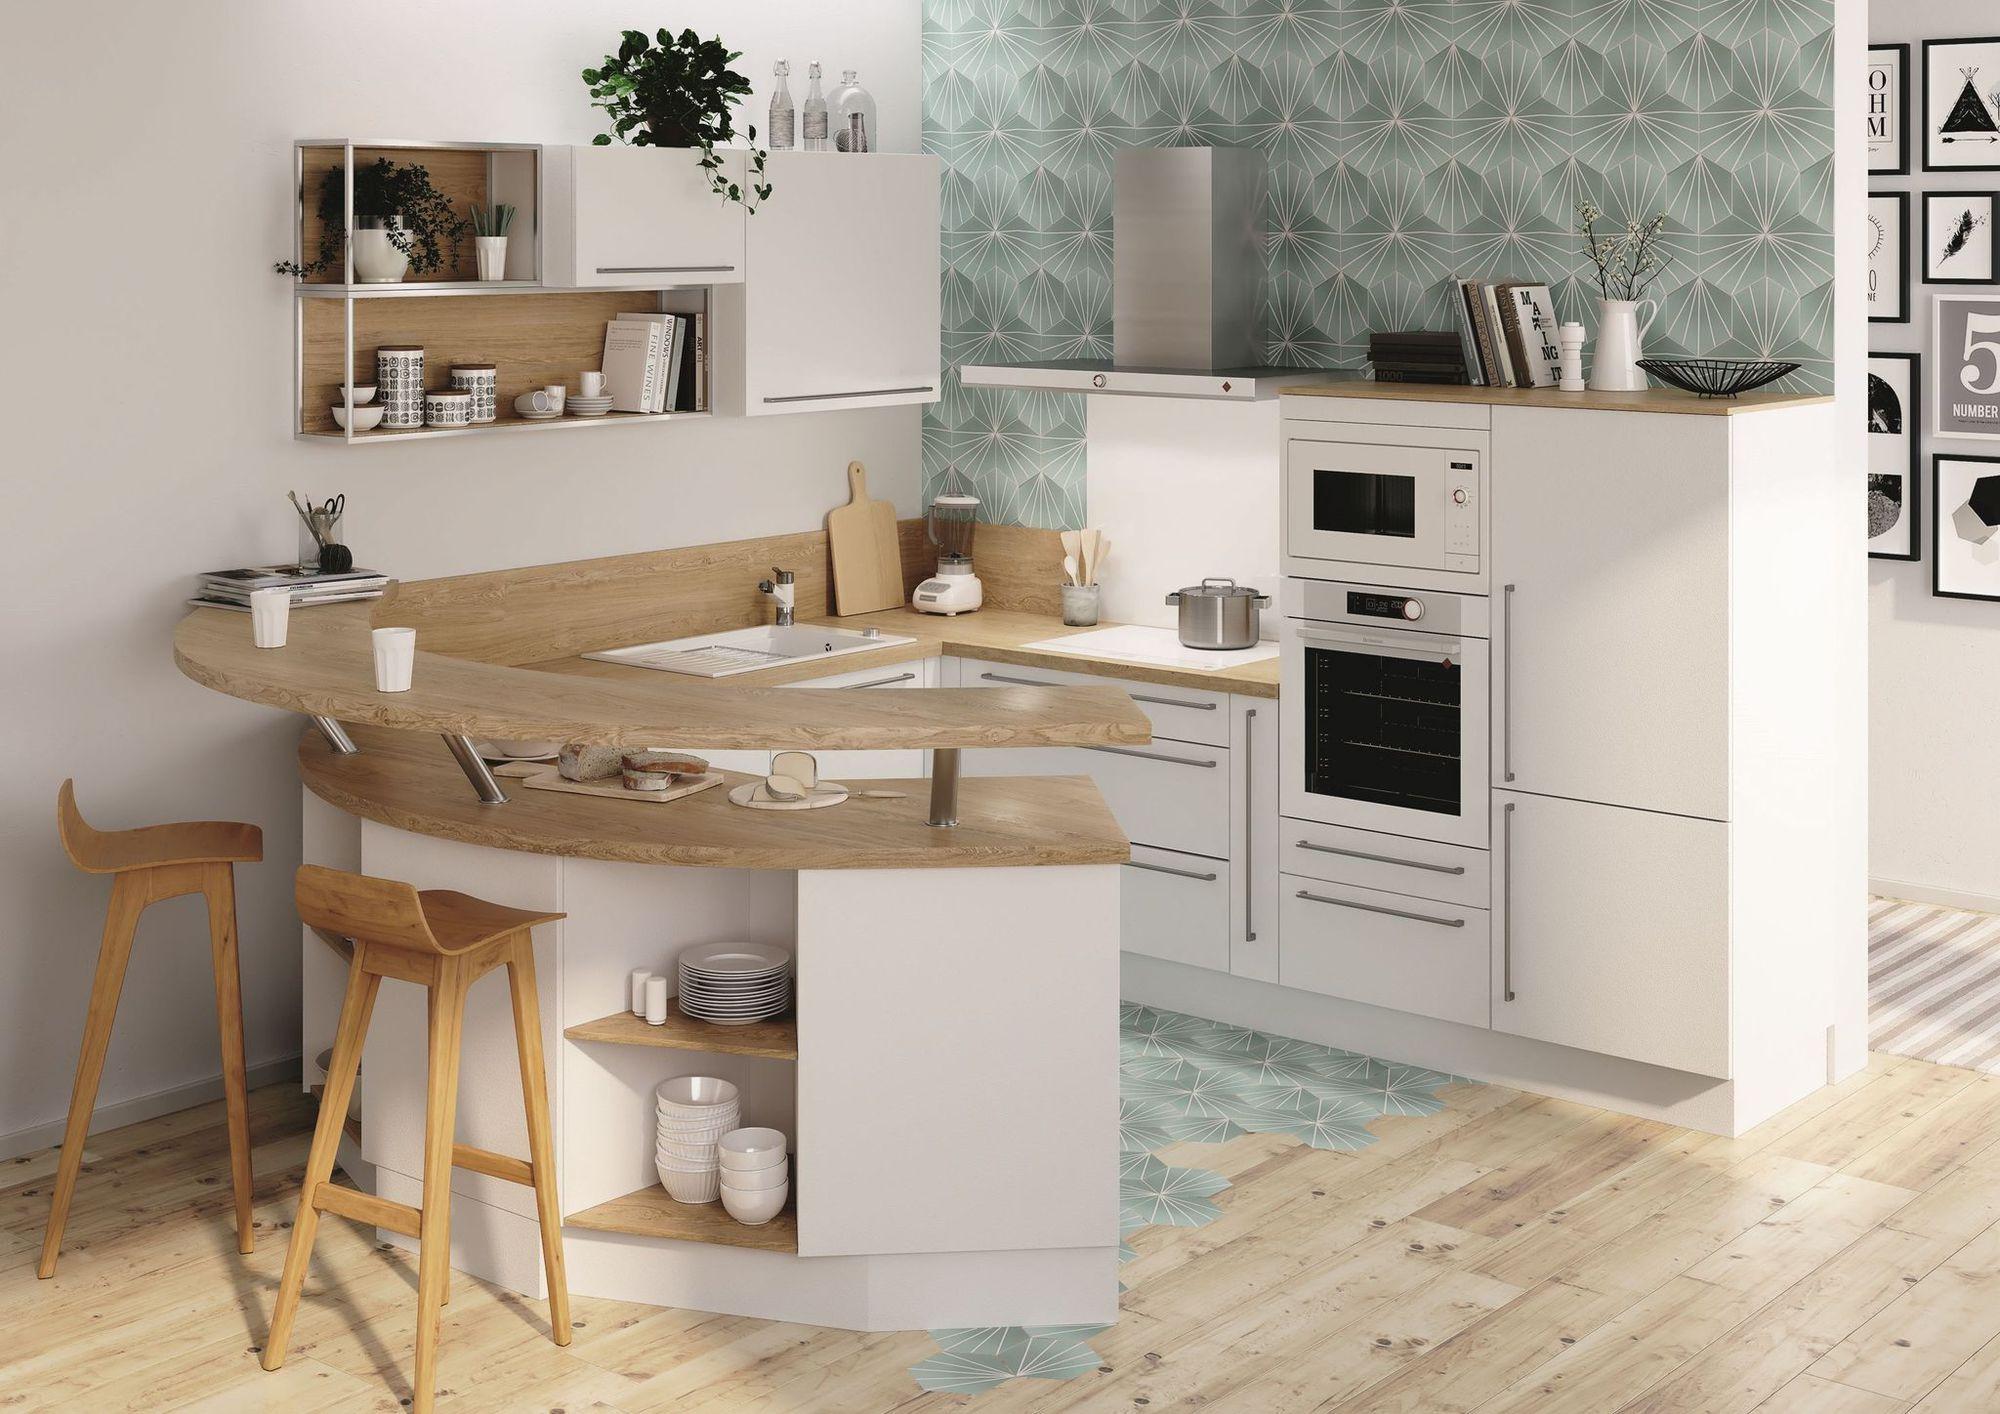 Meuble de cuisine : nos modèles de cuisine préférés  Meuble